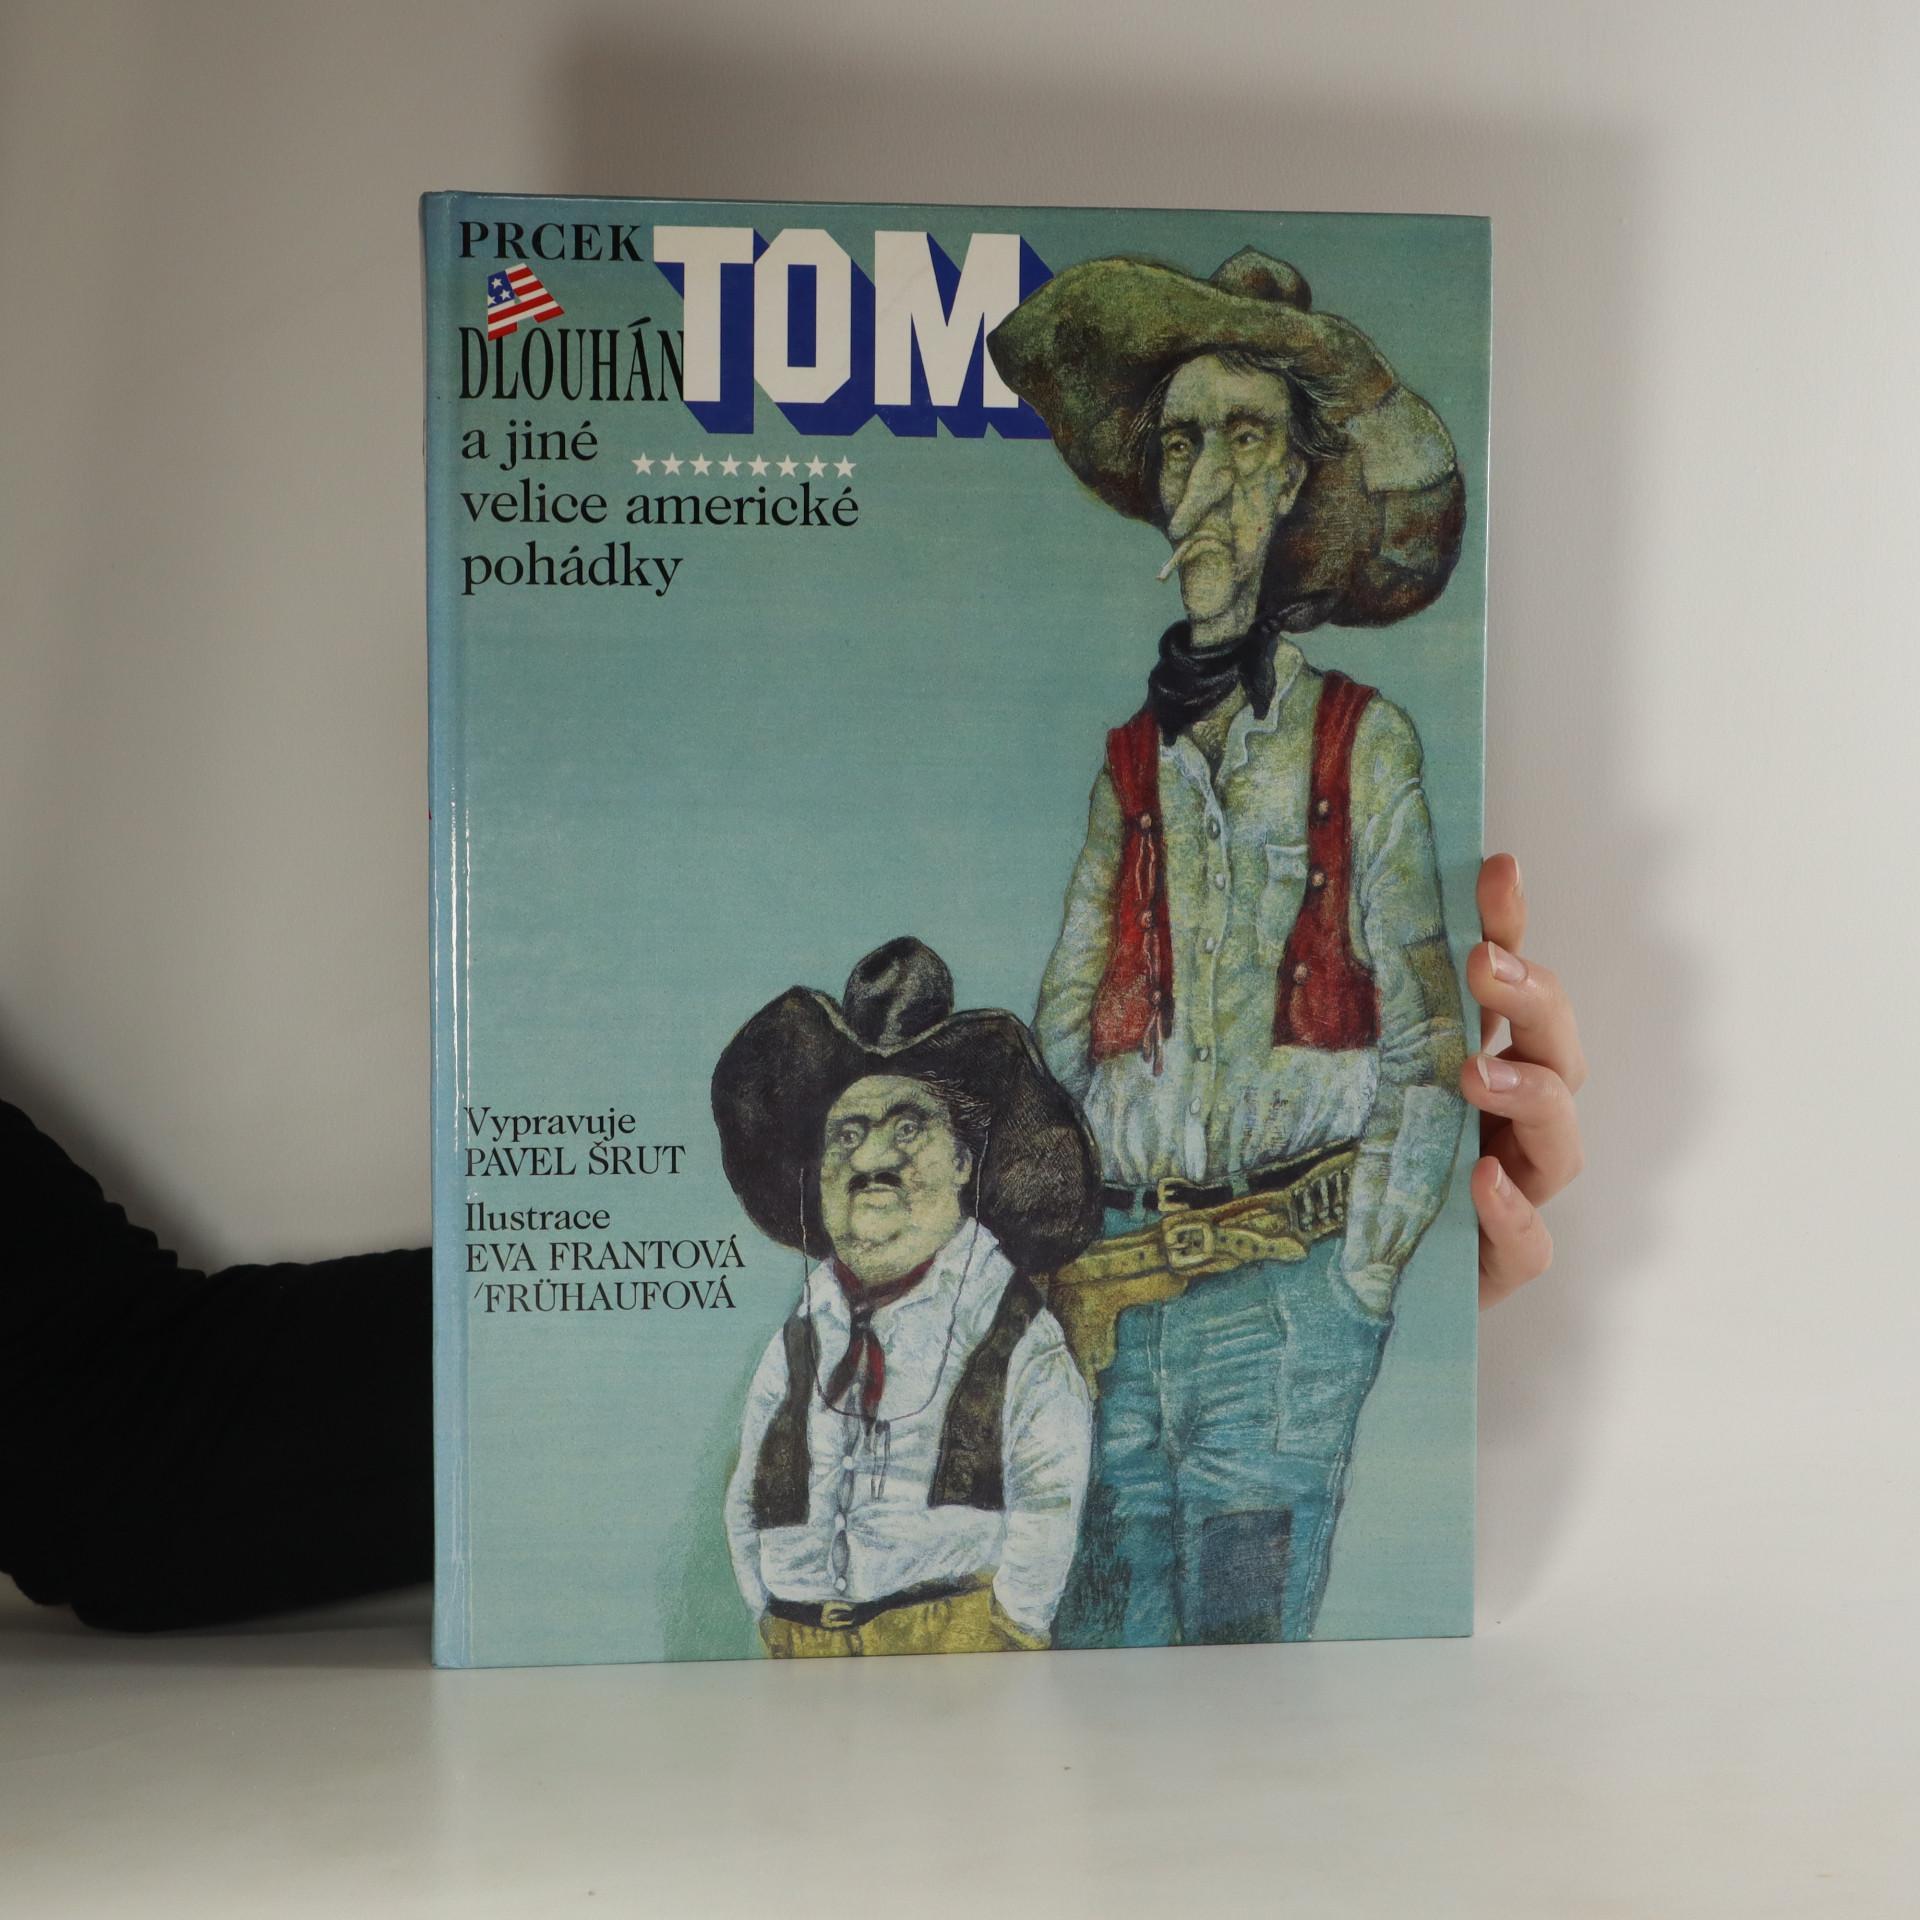 antikvární kniha Prcek Tom a Dlouhán Tom a jiné velice americké pohádky, 1993